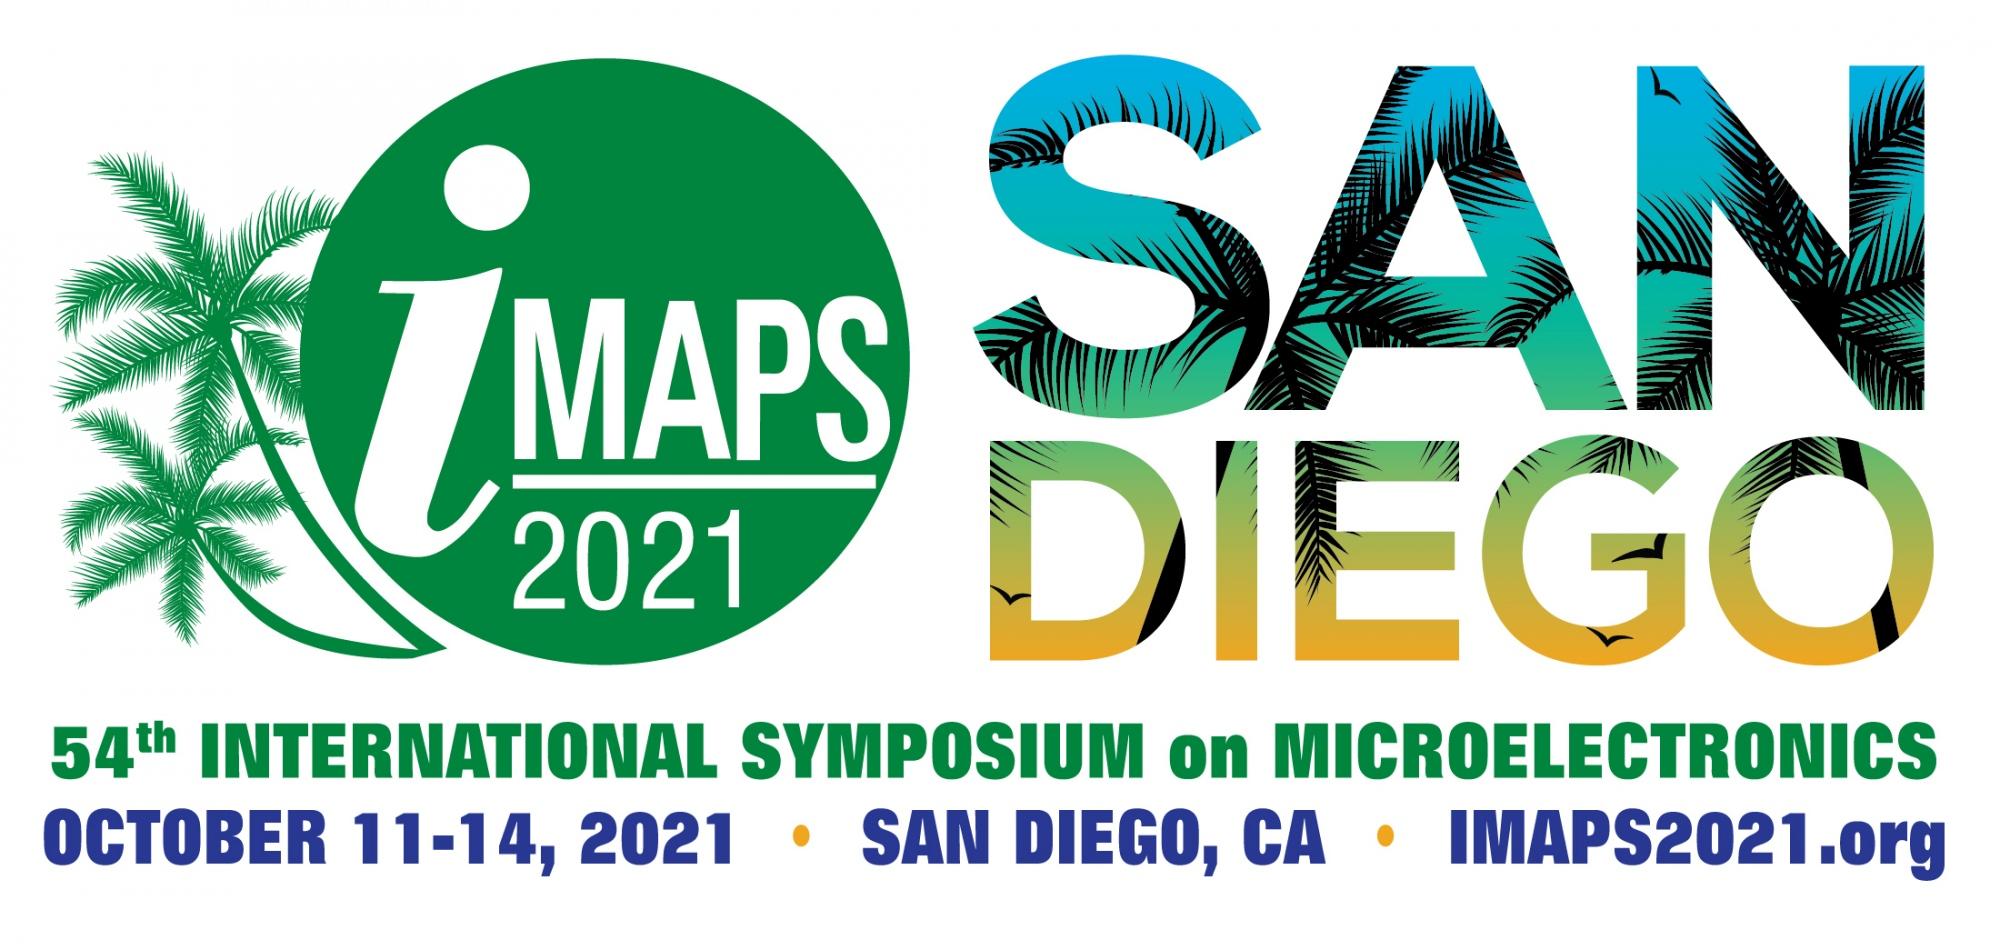 Event Image - iMAPS International Symposium on Microelectronics